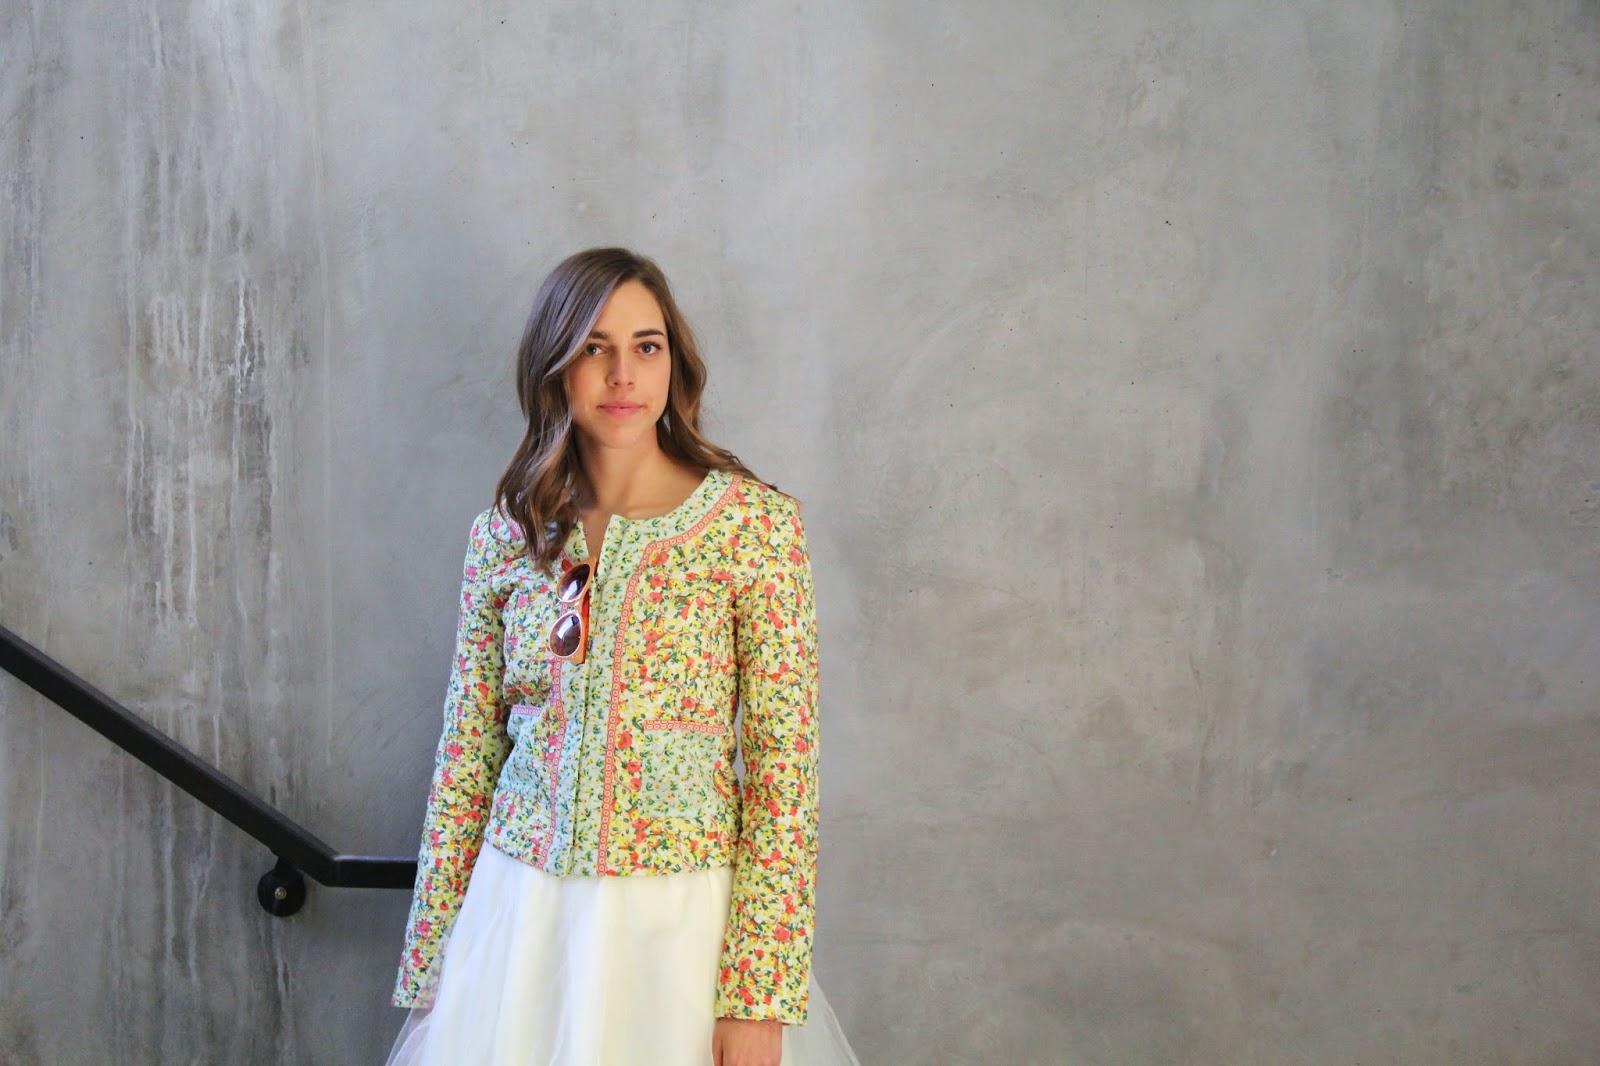 Spring Fashion, Cream Skirt, Floral Print, Orange Sunglasses, Tulle Skirt, Tulle, Girl, Woman